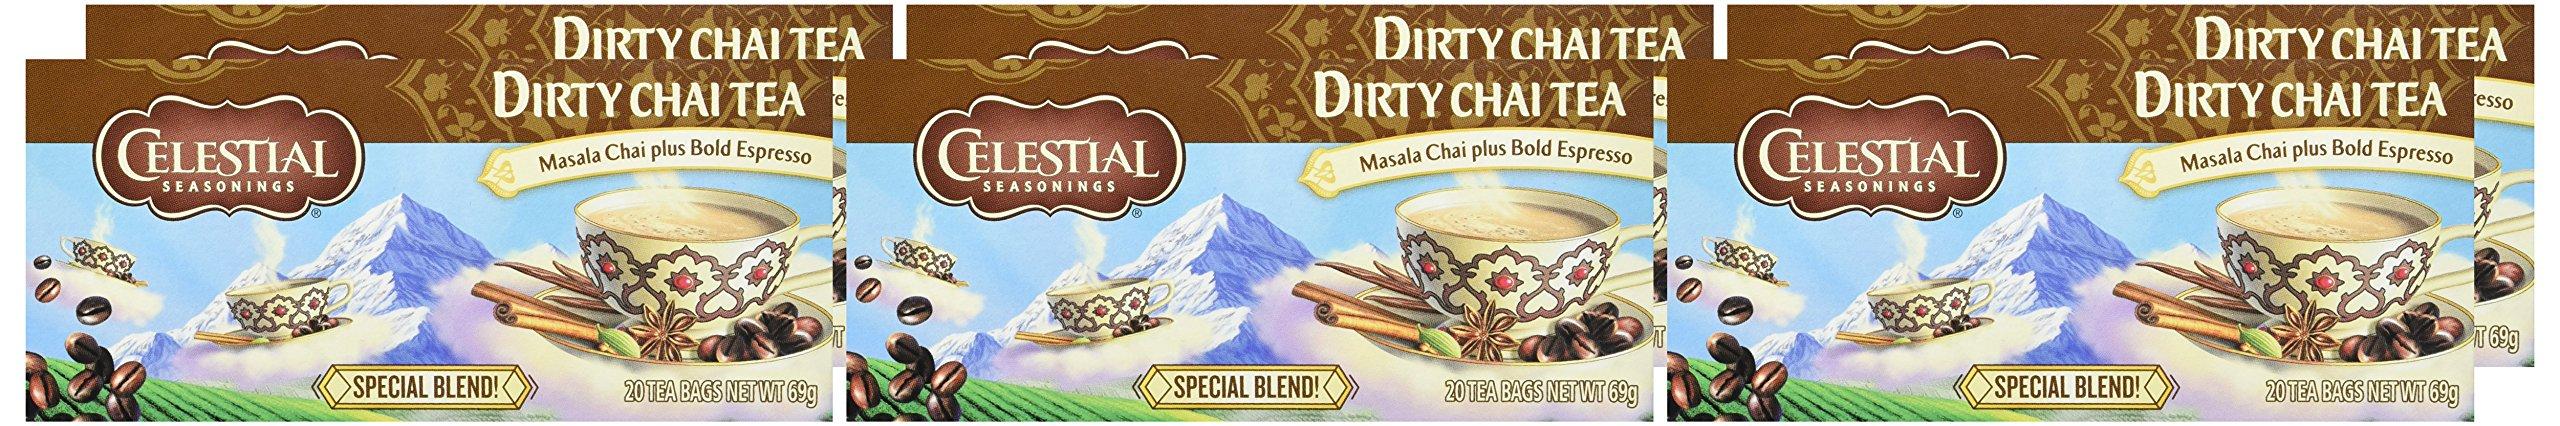 Celestial-Seasonings-Dirty-Chai-6er-Pack-6-x-69-g